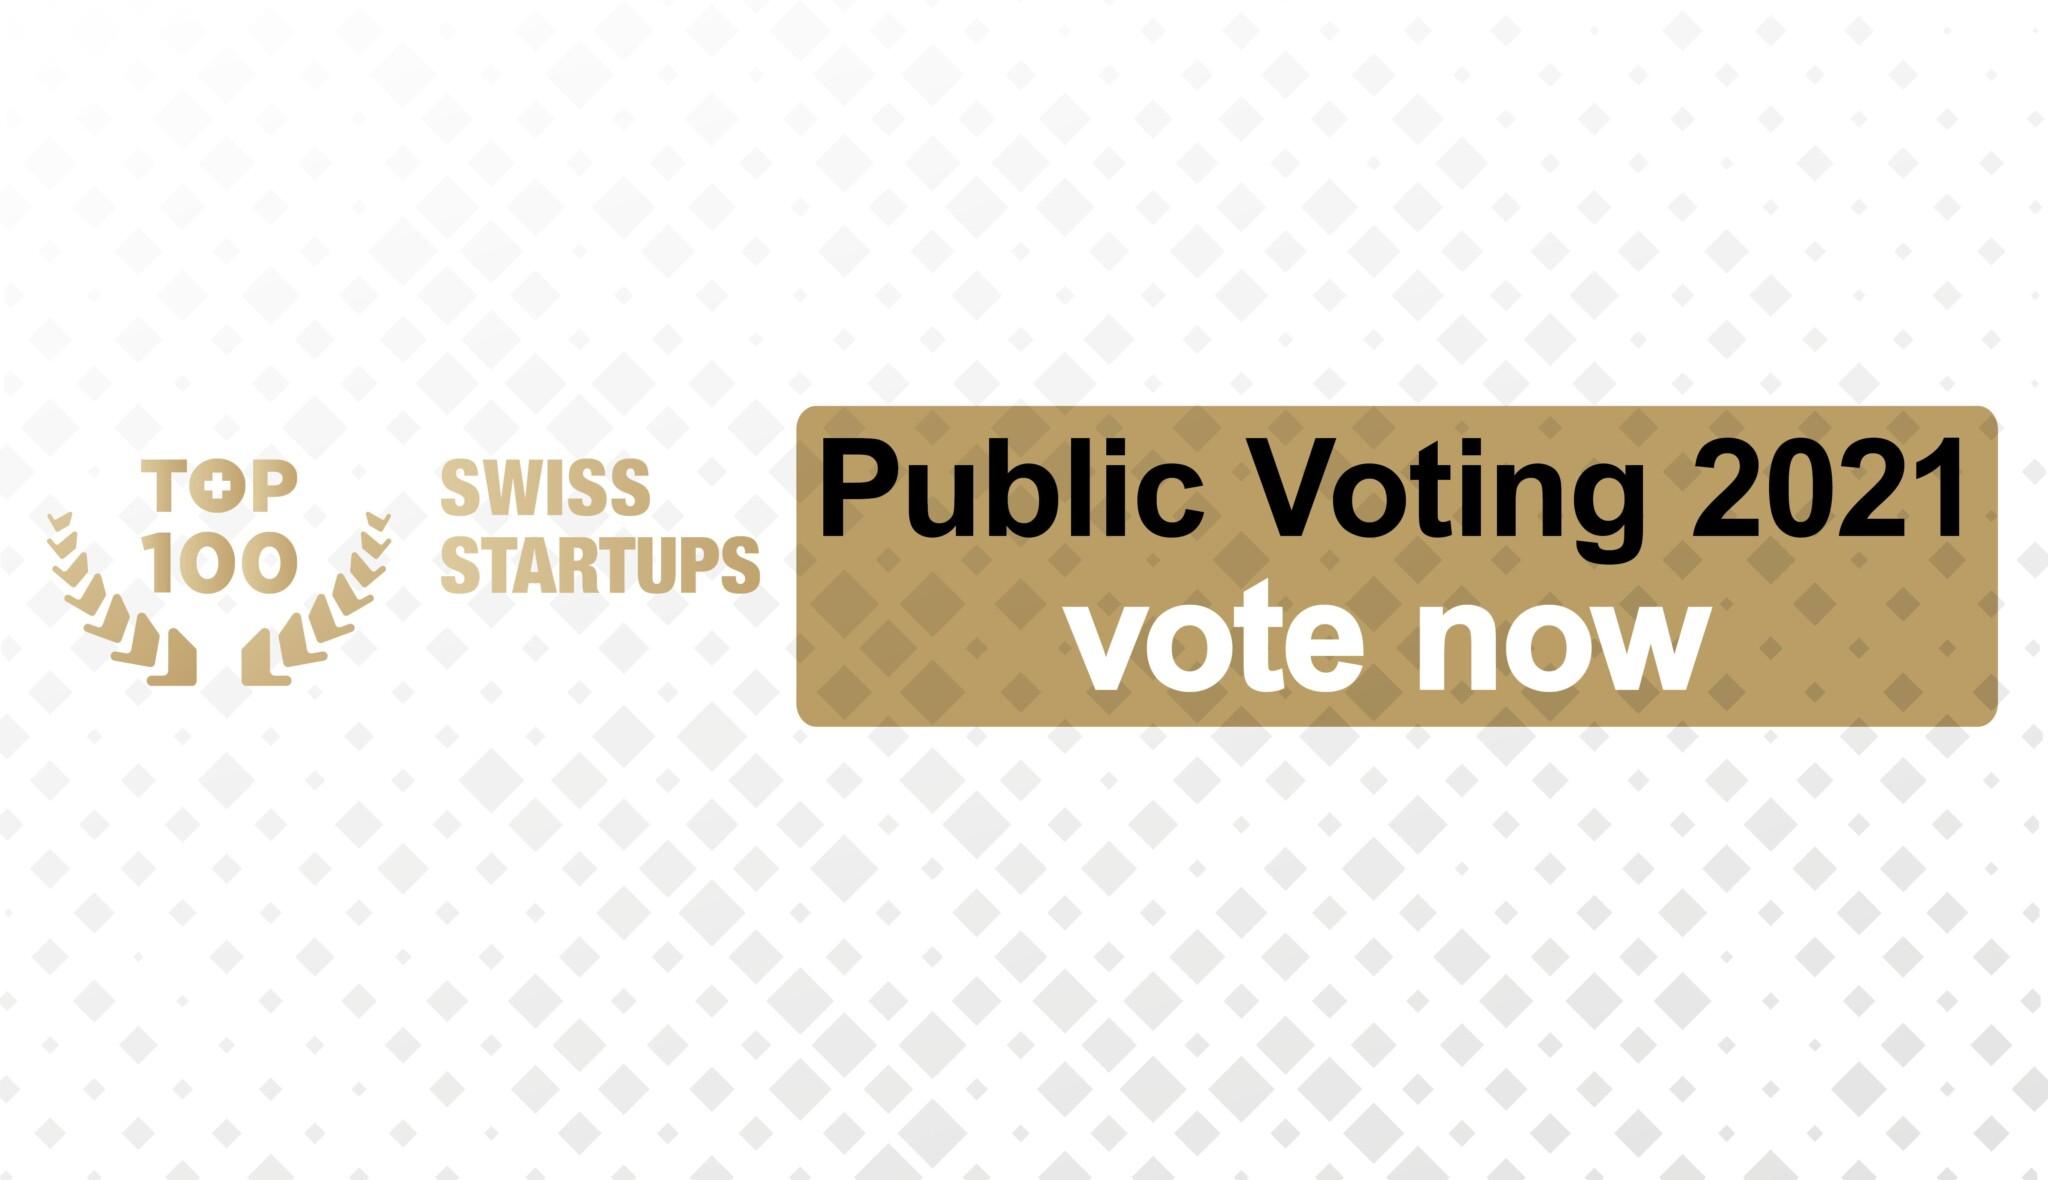 Das Public Voting für den TOP 100 Swiss Startup Award läuft noch bis 18. Juli